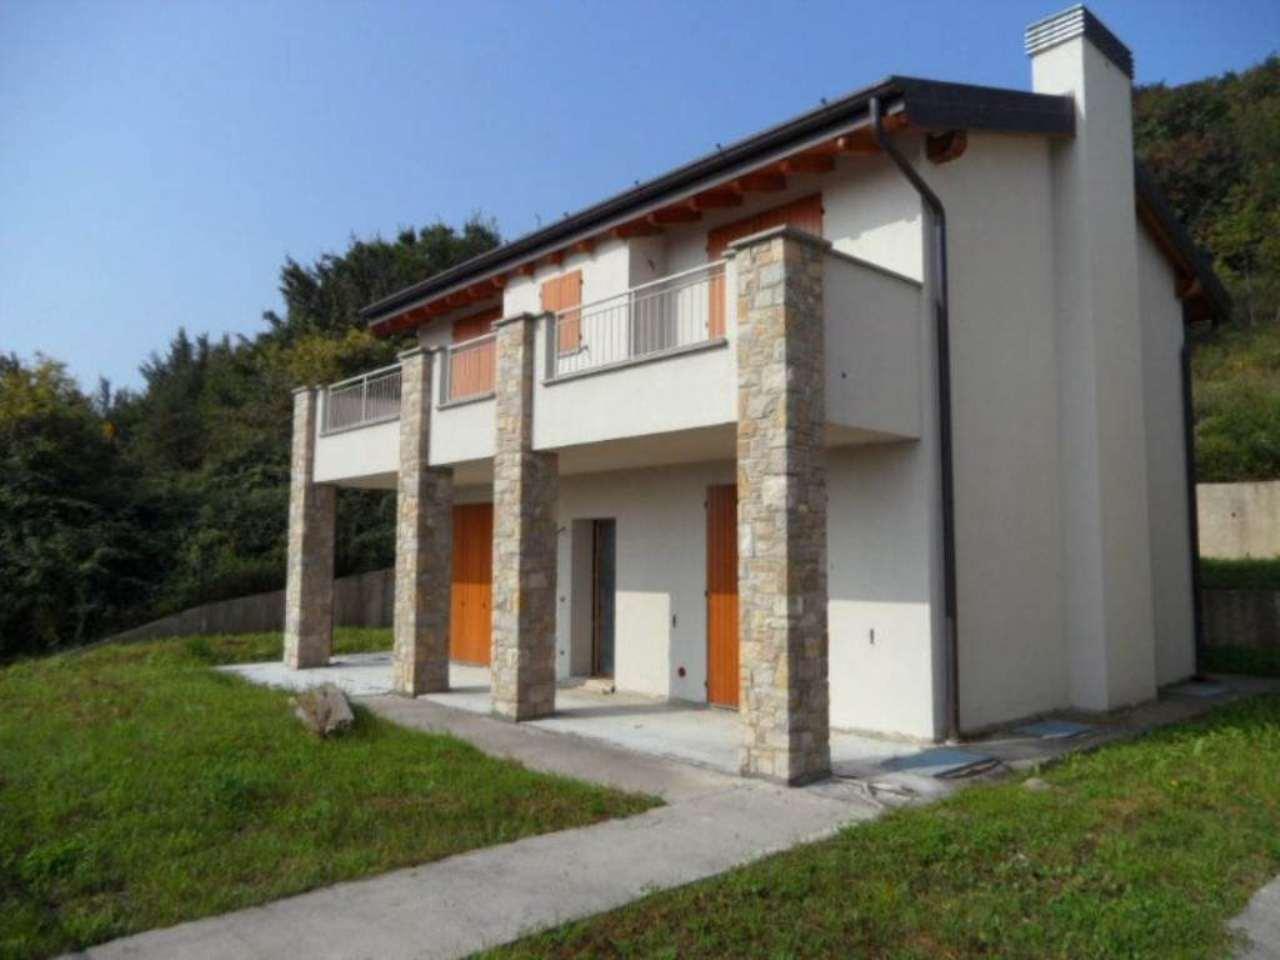 Villa in vendita a San Paolo d'Argon, 4 locali, prezzo € 300.000 | Cambio Casa.it